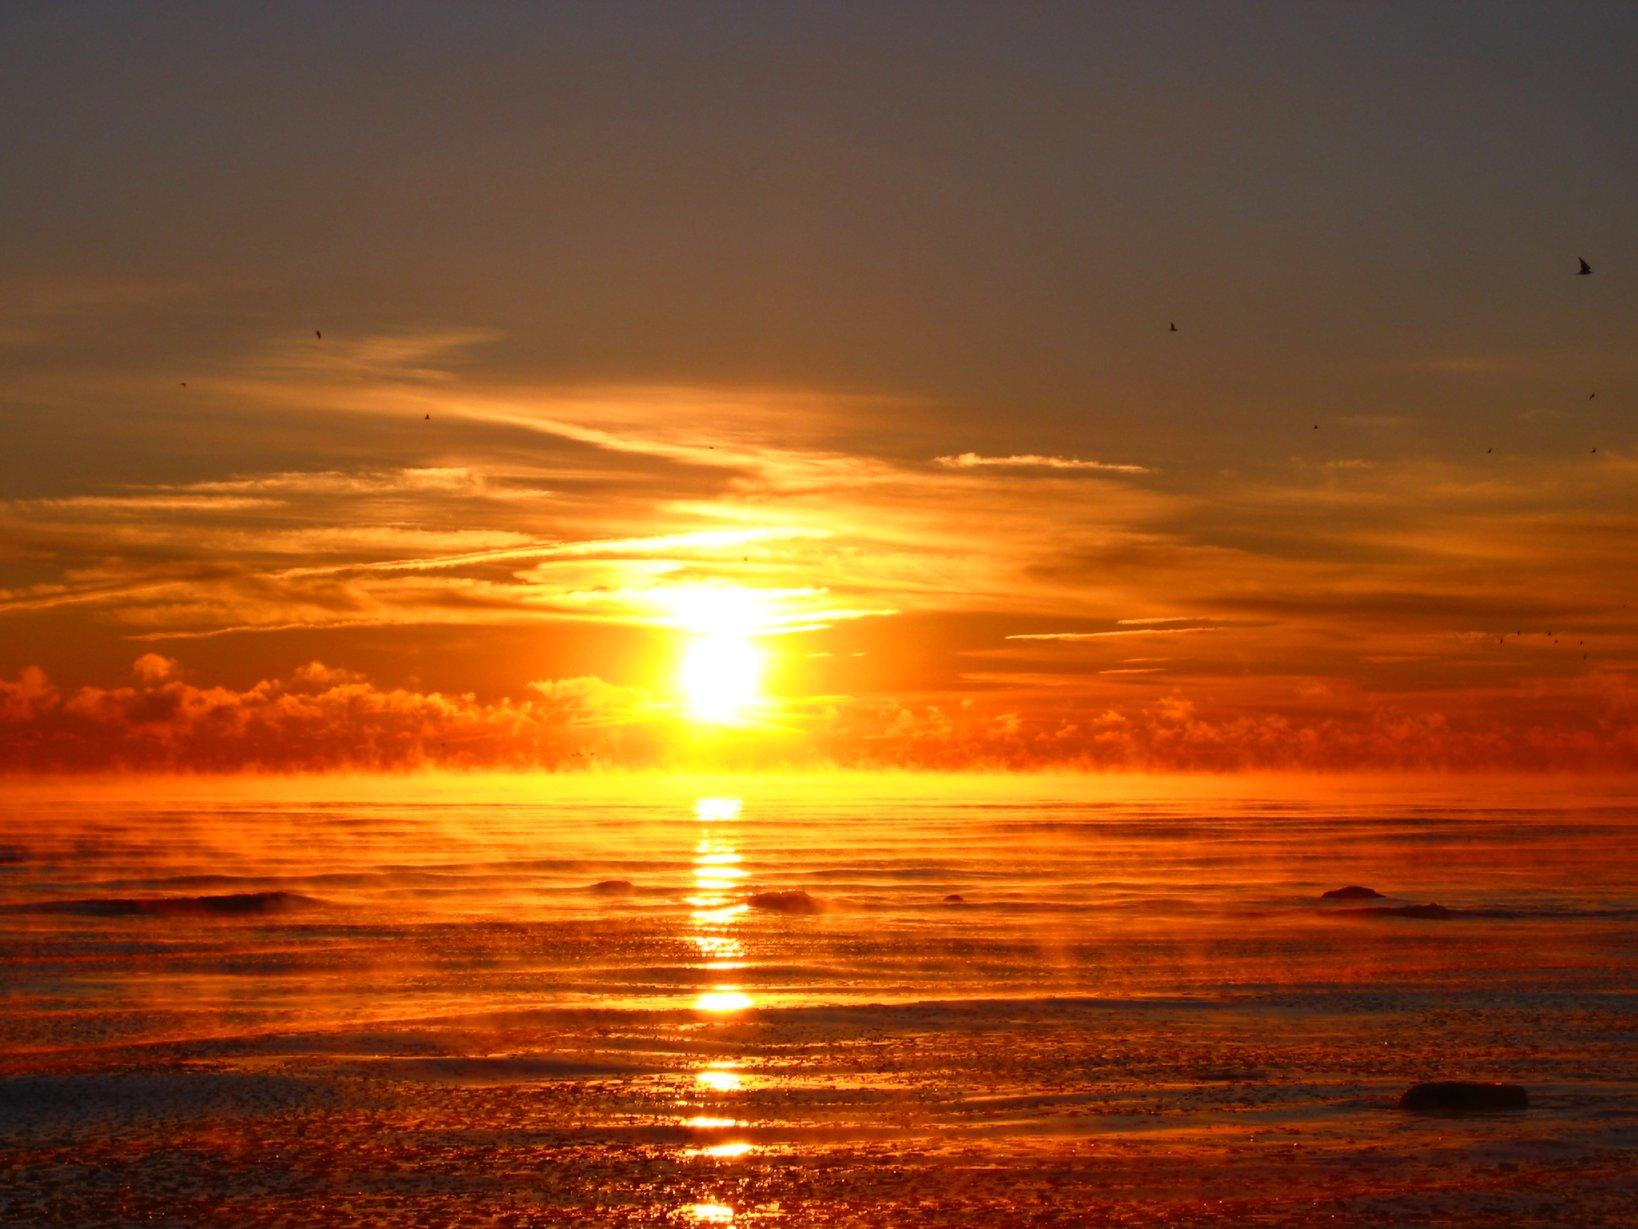 Florida Beach Fall Wallpaper Soul Amp Misty Lake Michigan Sunrise A New Day